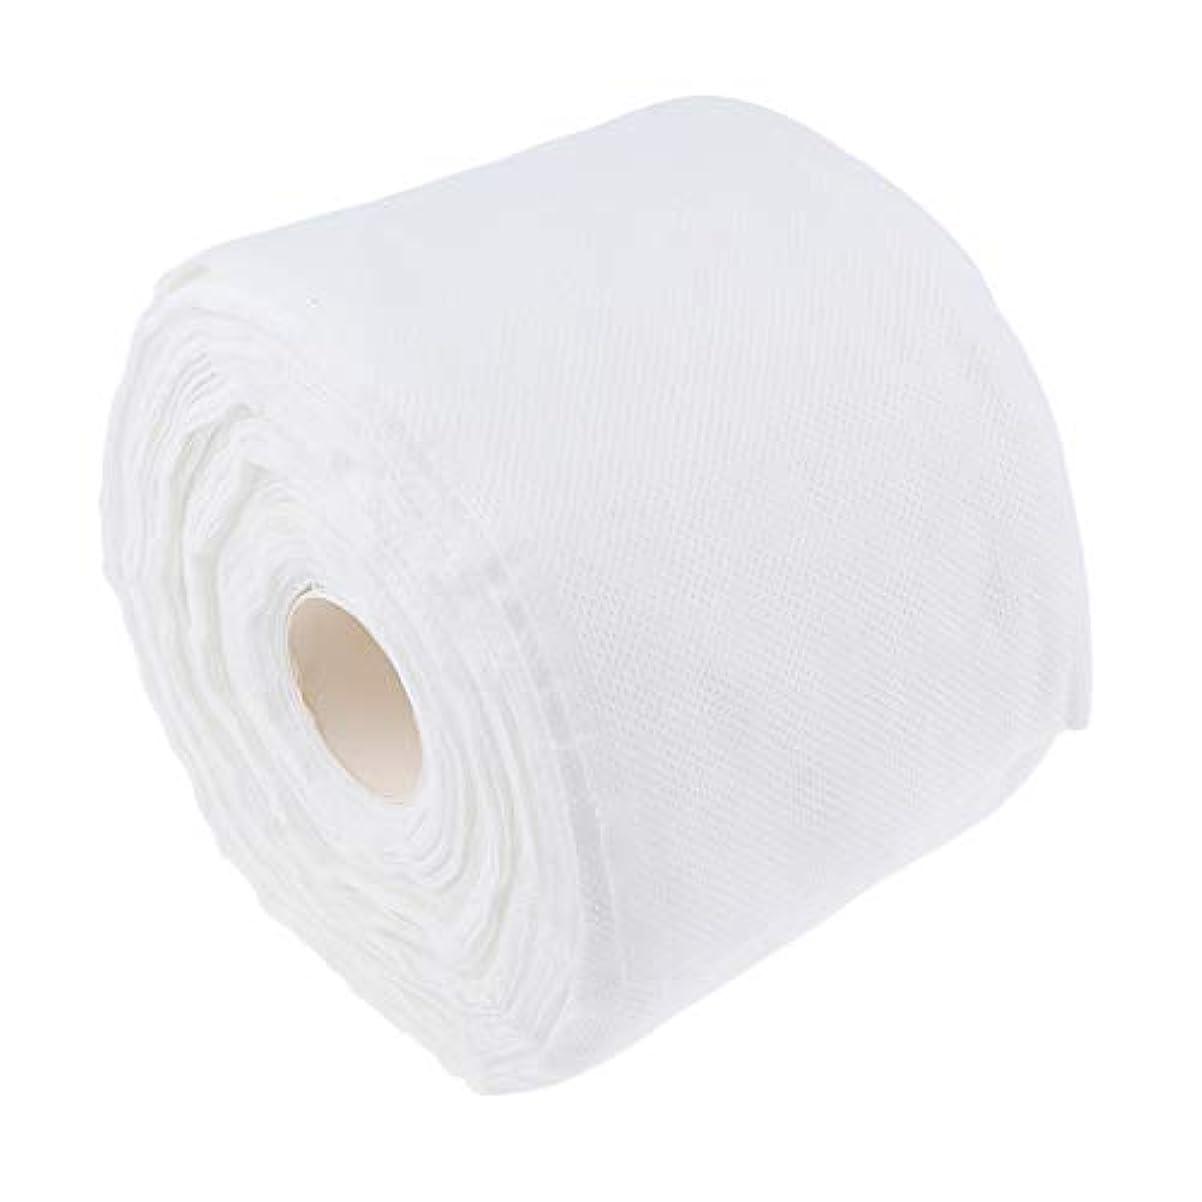 コーン最少構想するメイクコットンパッド 使い捨て 柔らか コットン タオル クリーニング 拭き取り ティッシュロール